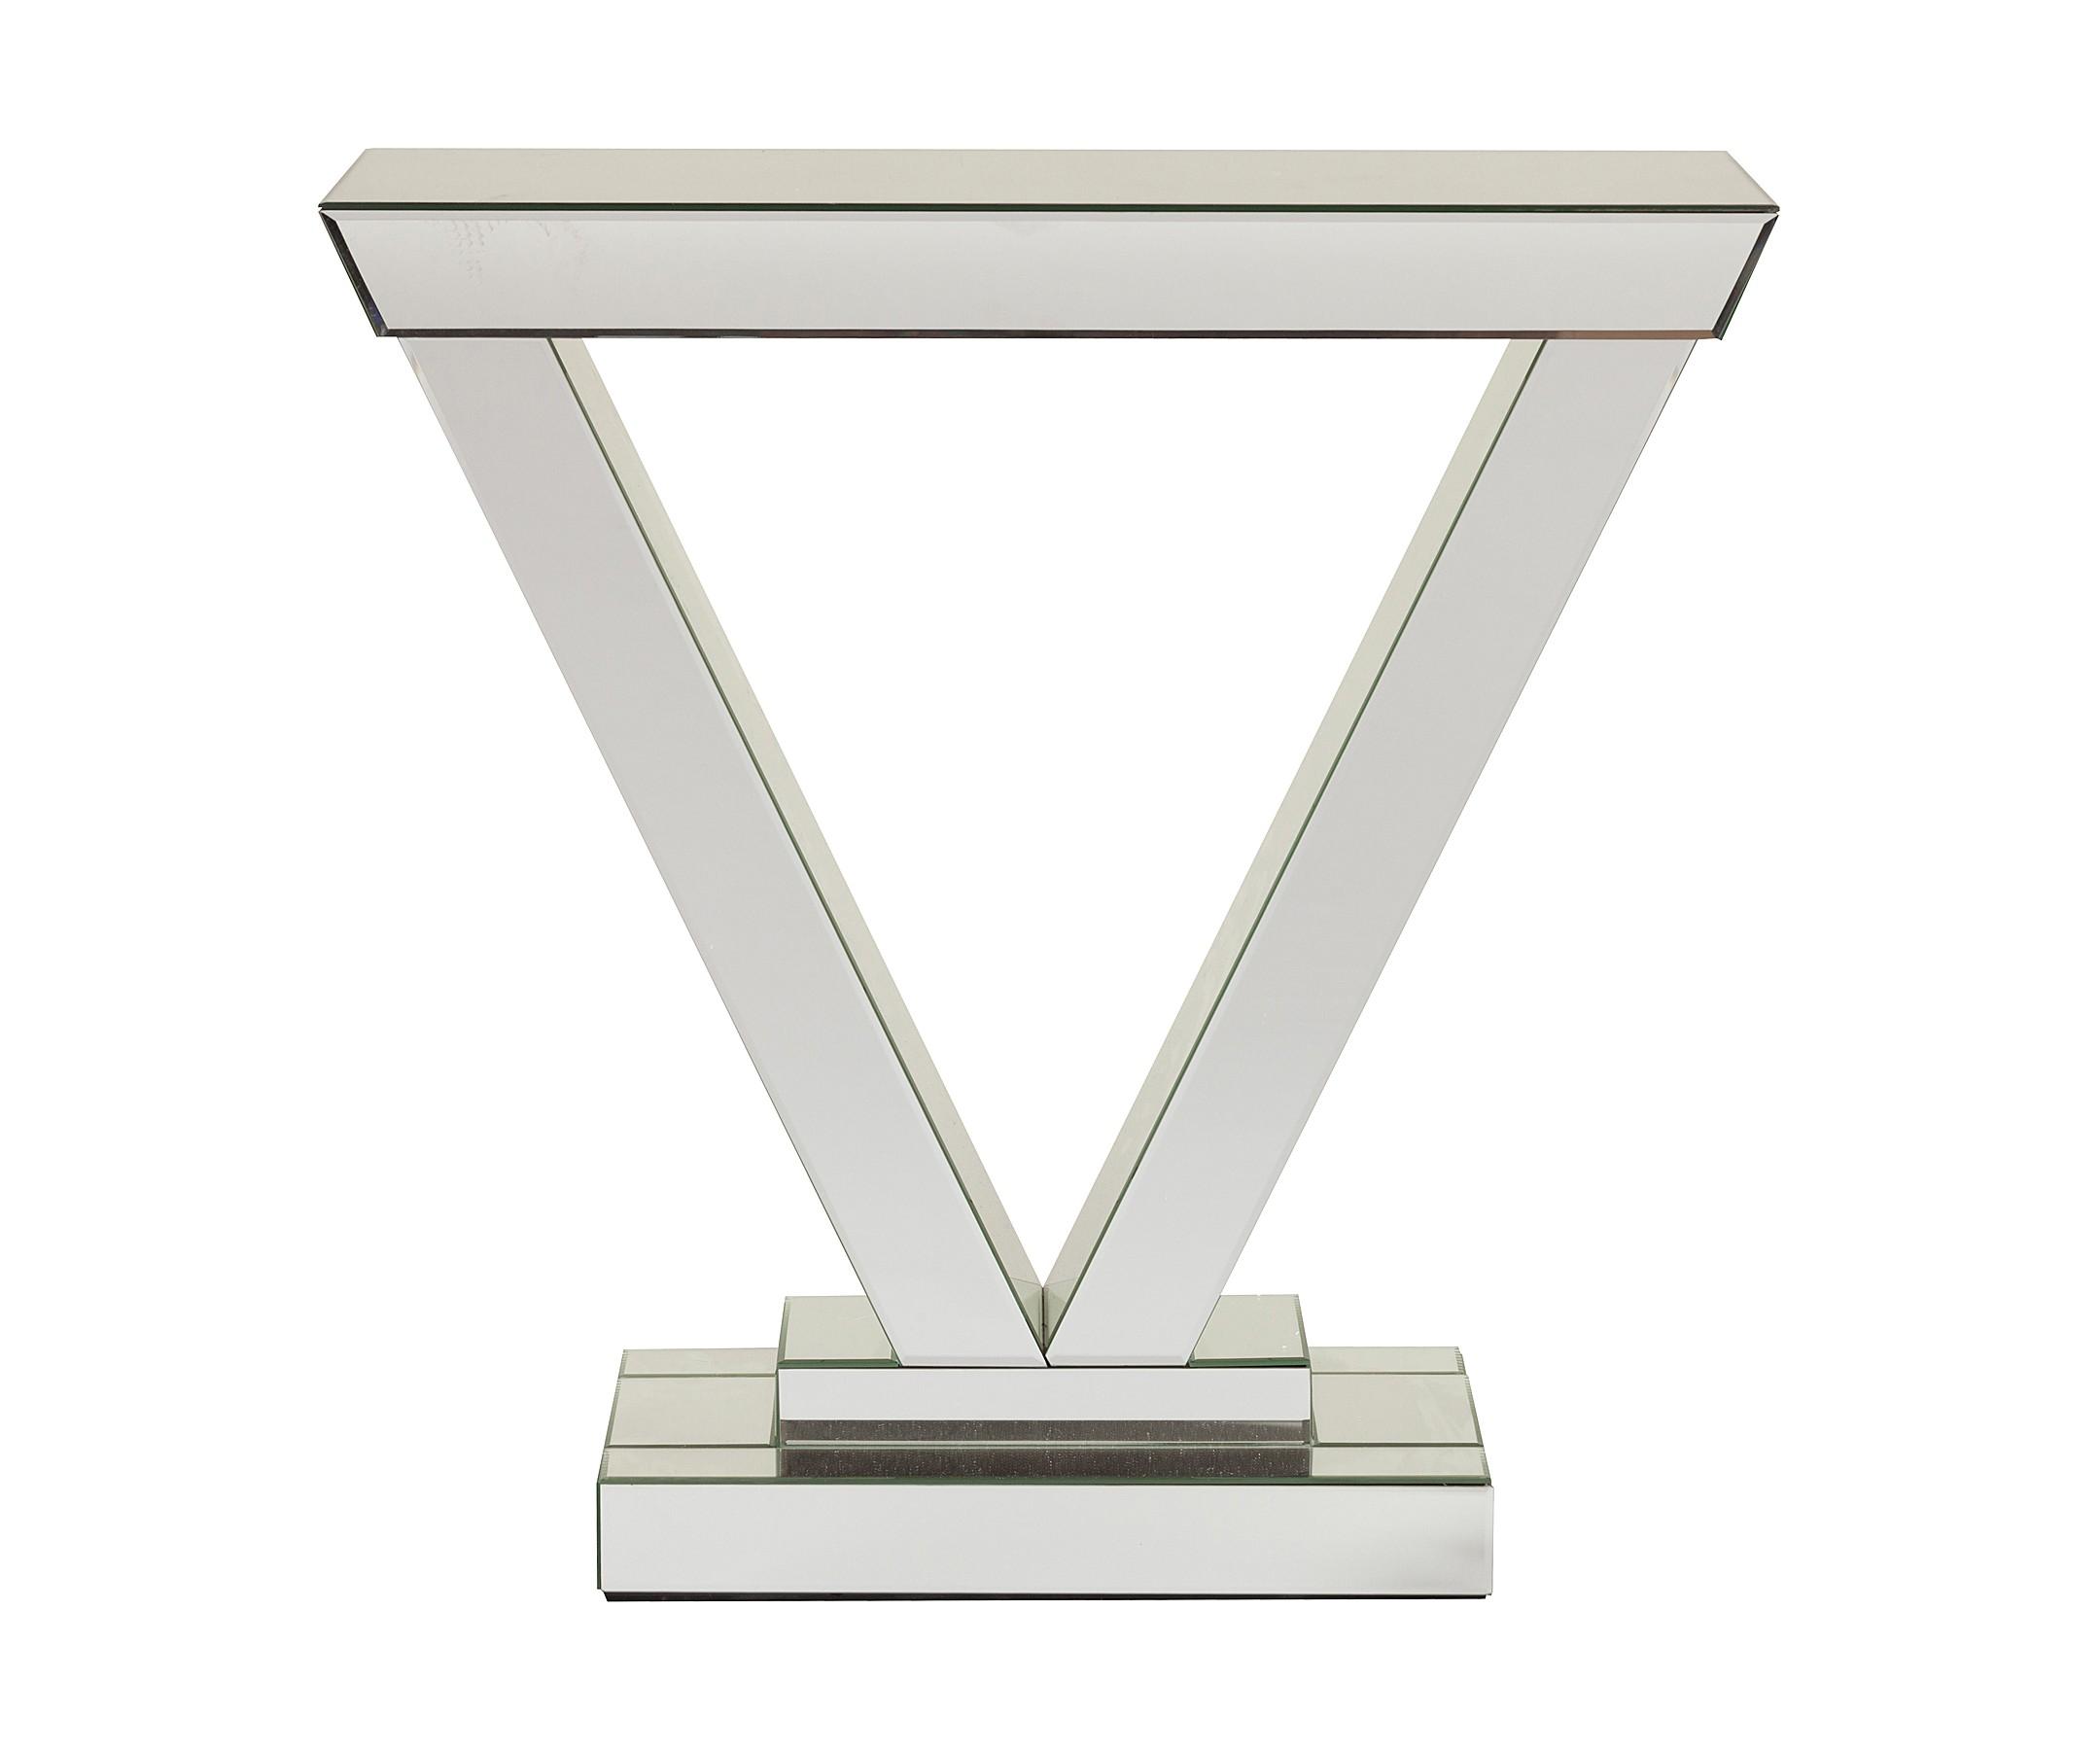 Зеркальный консольный столик AvignonИнтерьерные консоли<br><br><br>Material: Стекло<br>Width см: 80<br>Depth см: 30,5<br>Height см: 80